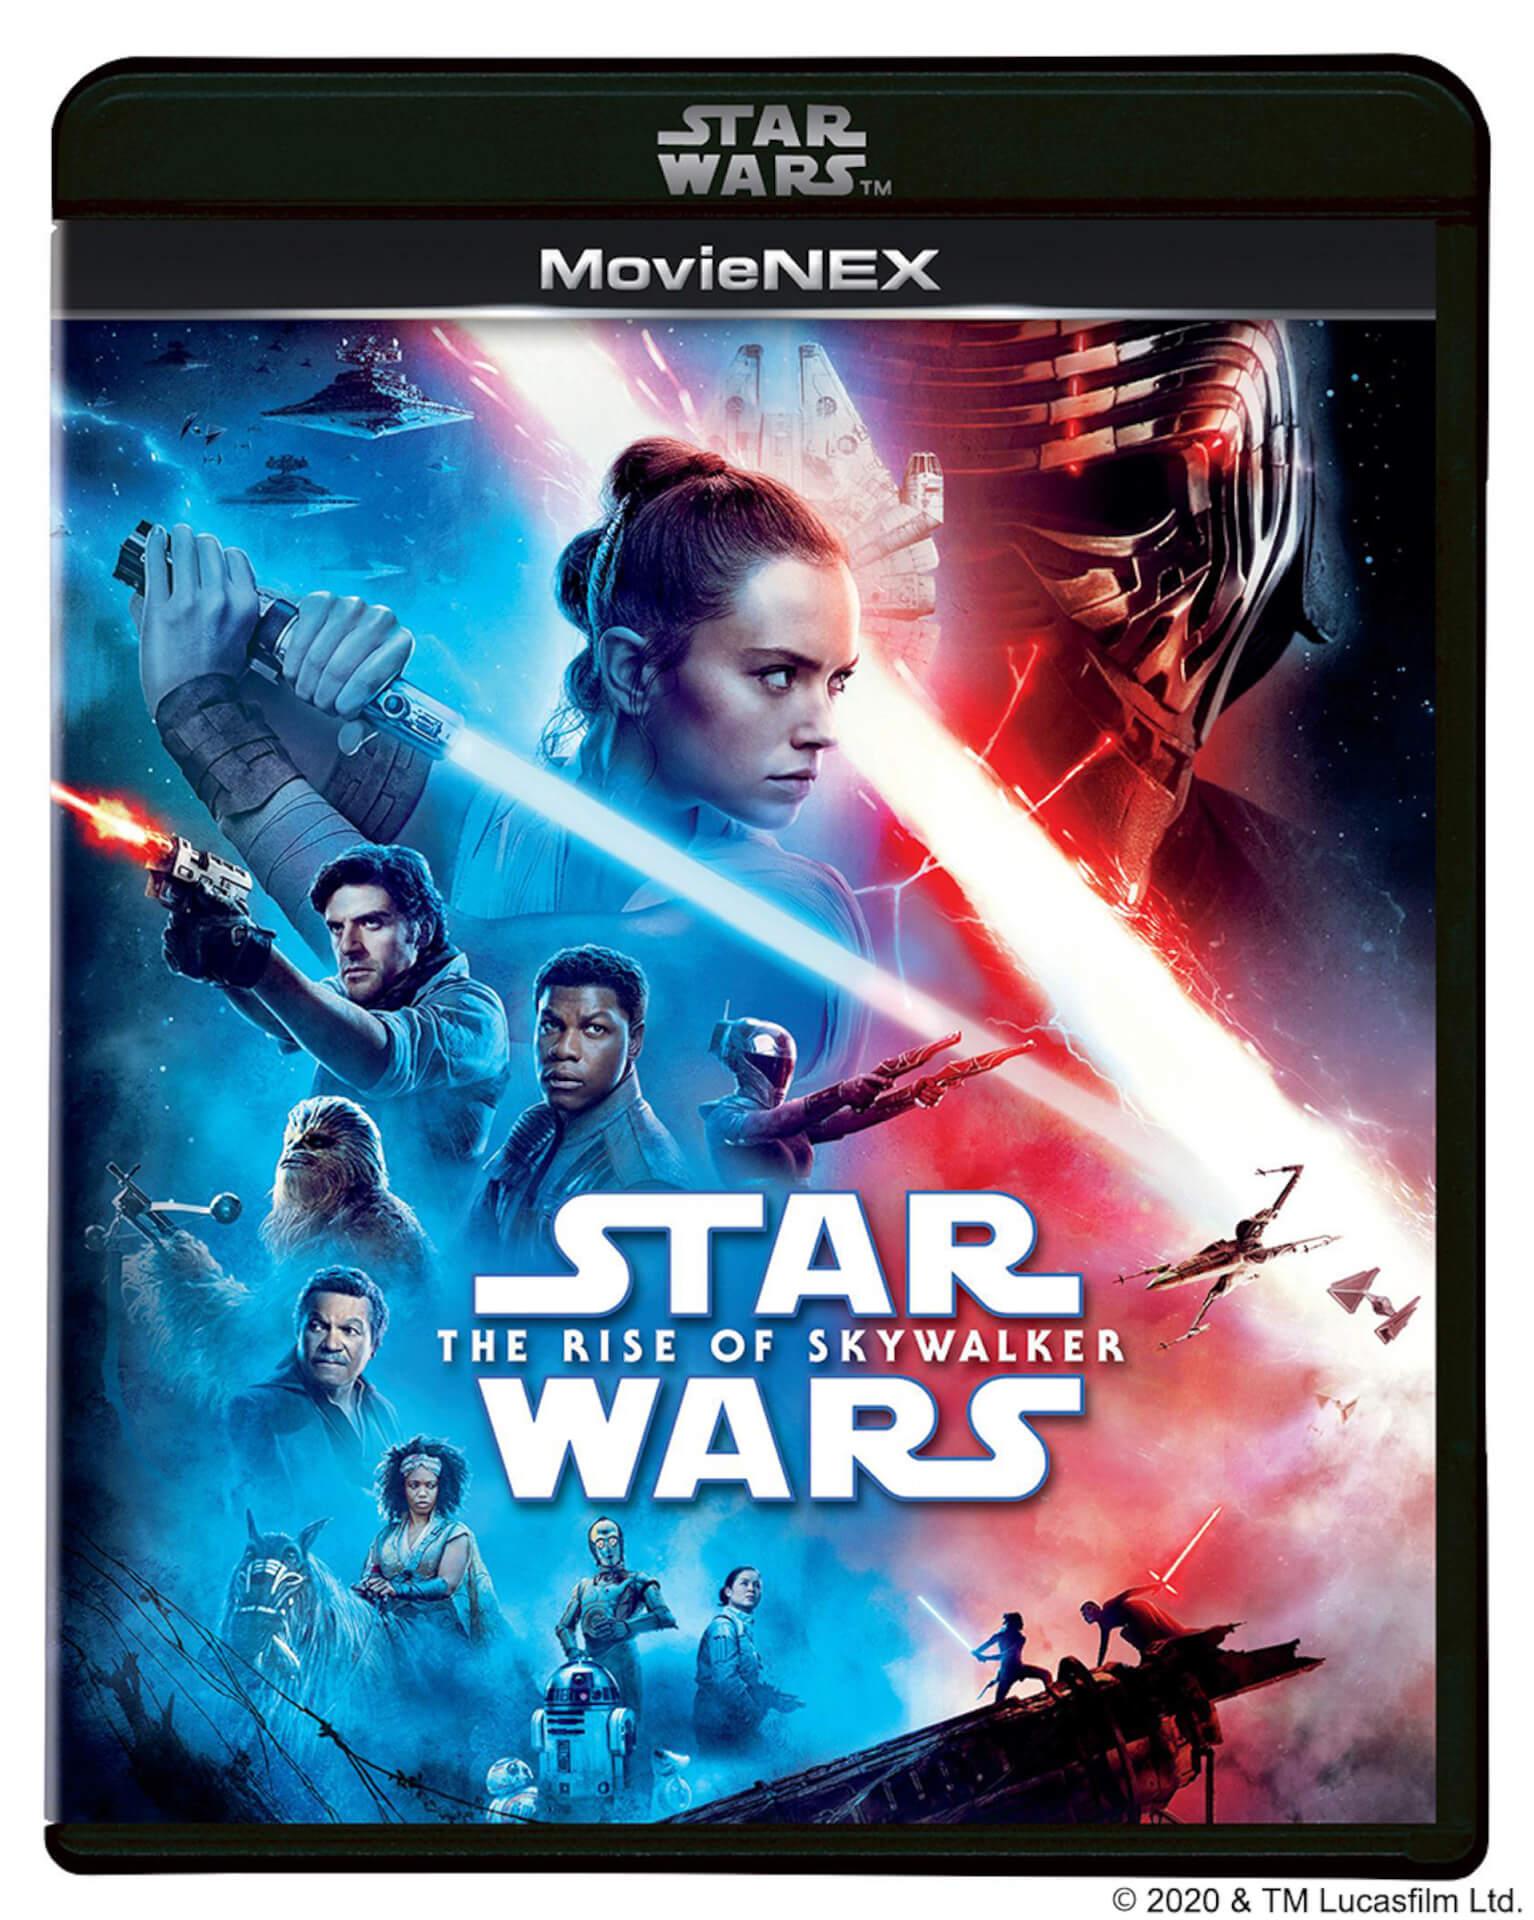 ついに『スター・ウォーズ/スカイウォーカーの夜明け』のMovieNEXが登場!サーガ全9作をコンプリートしたBOX盤も発売 video200306_starwars_bluray_8